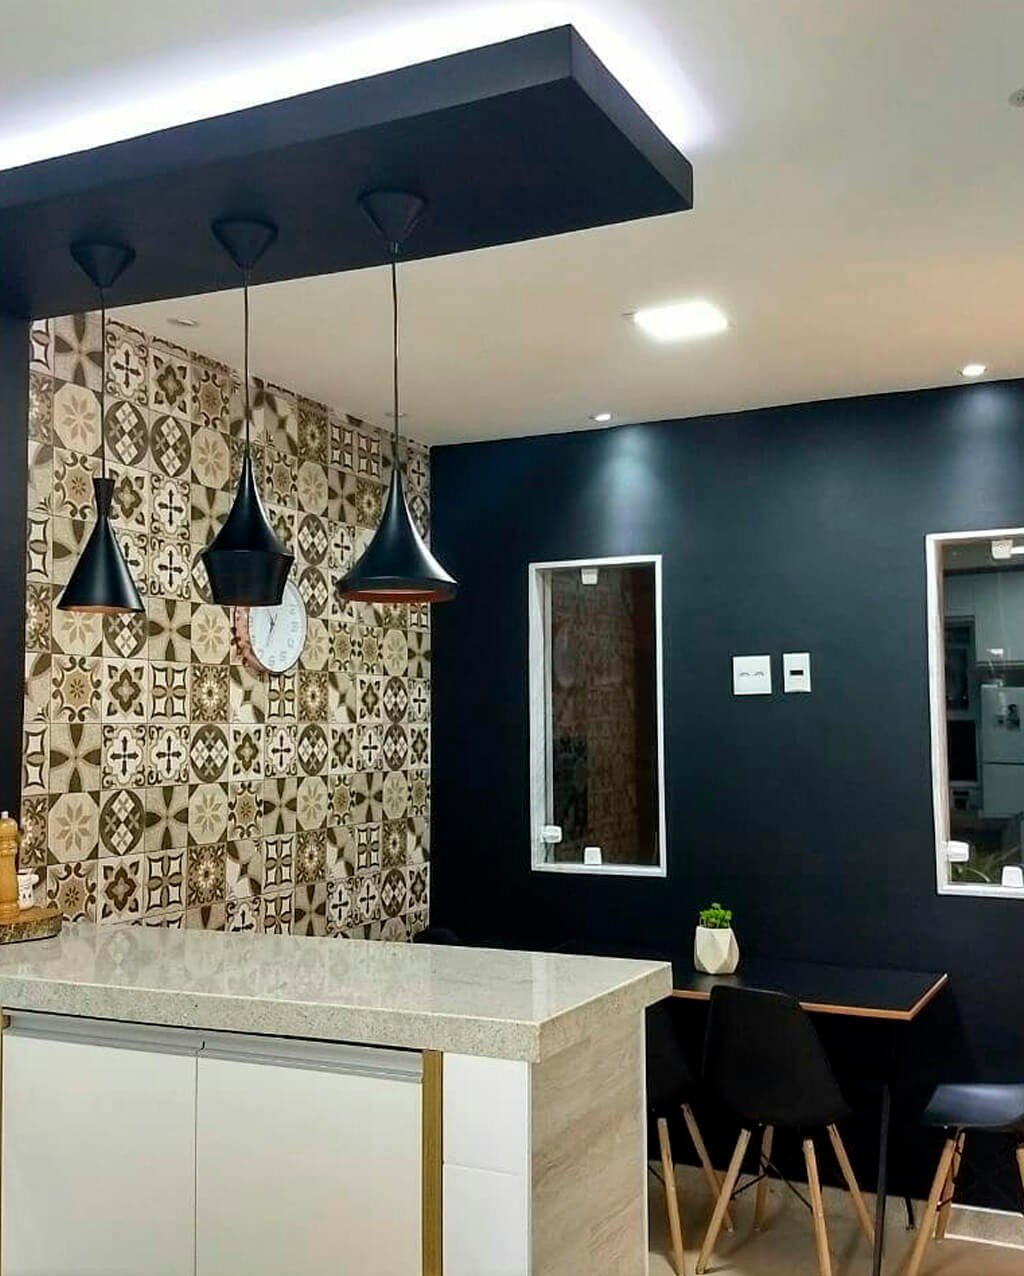 Fita LED Branca Detalhe Teto Cozinha